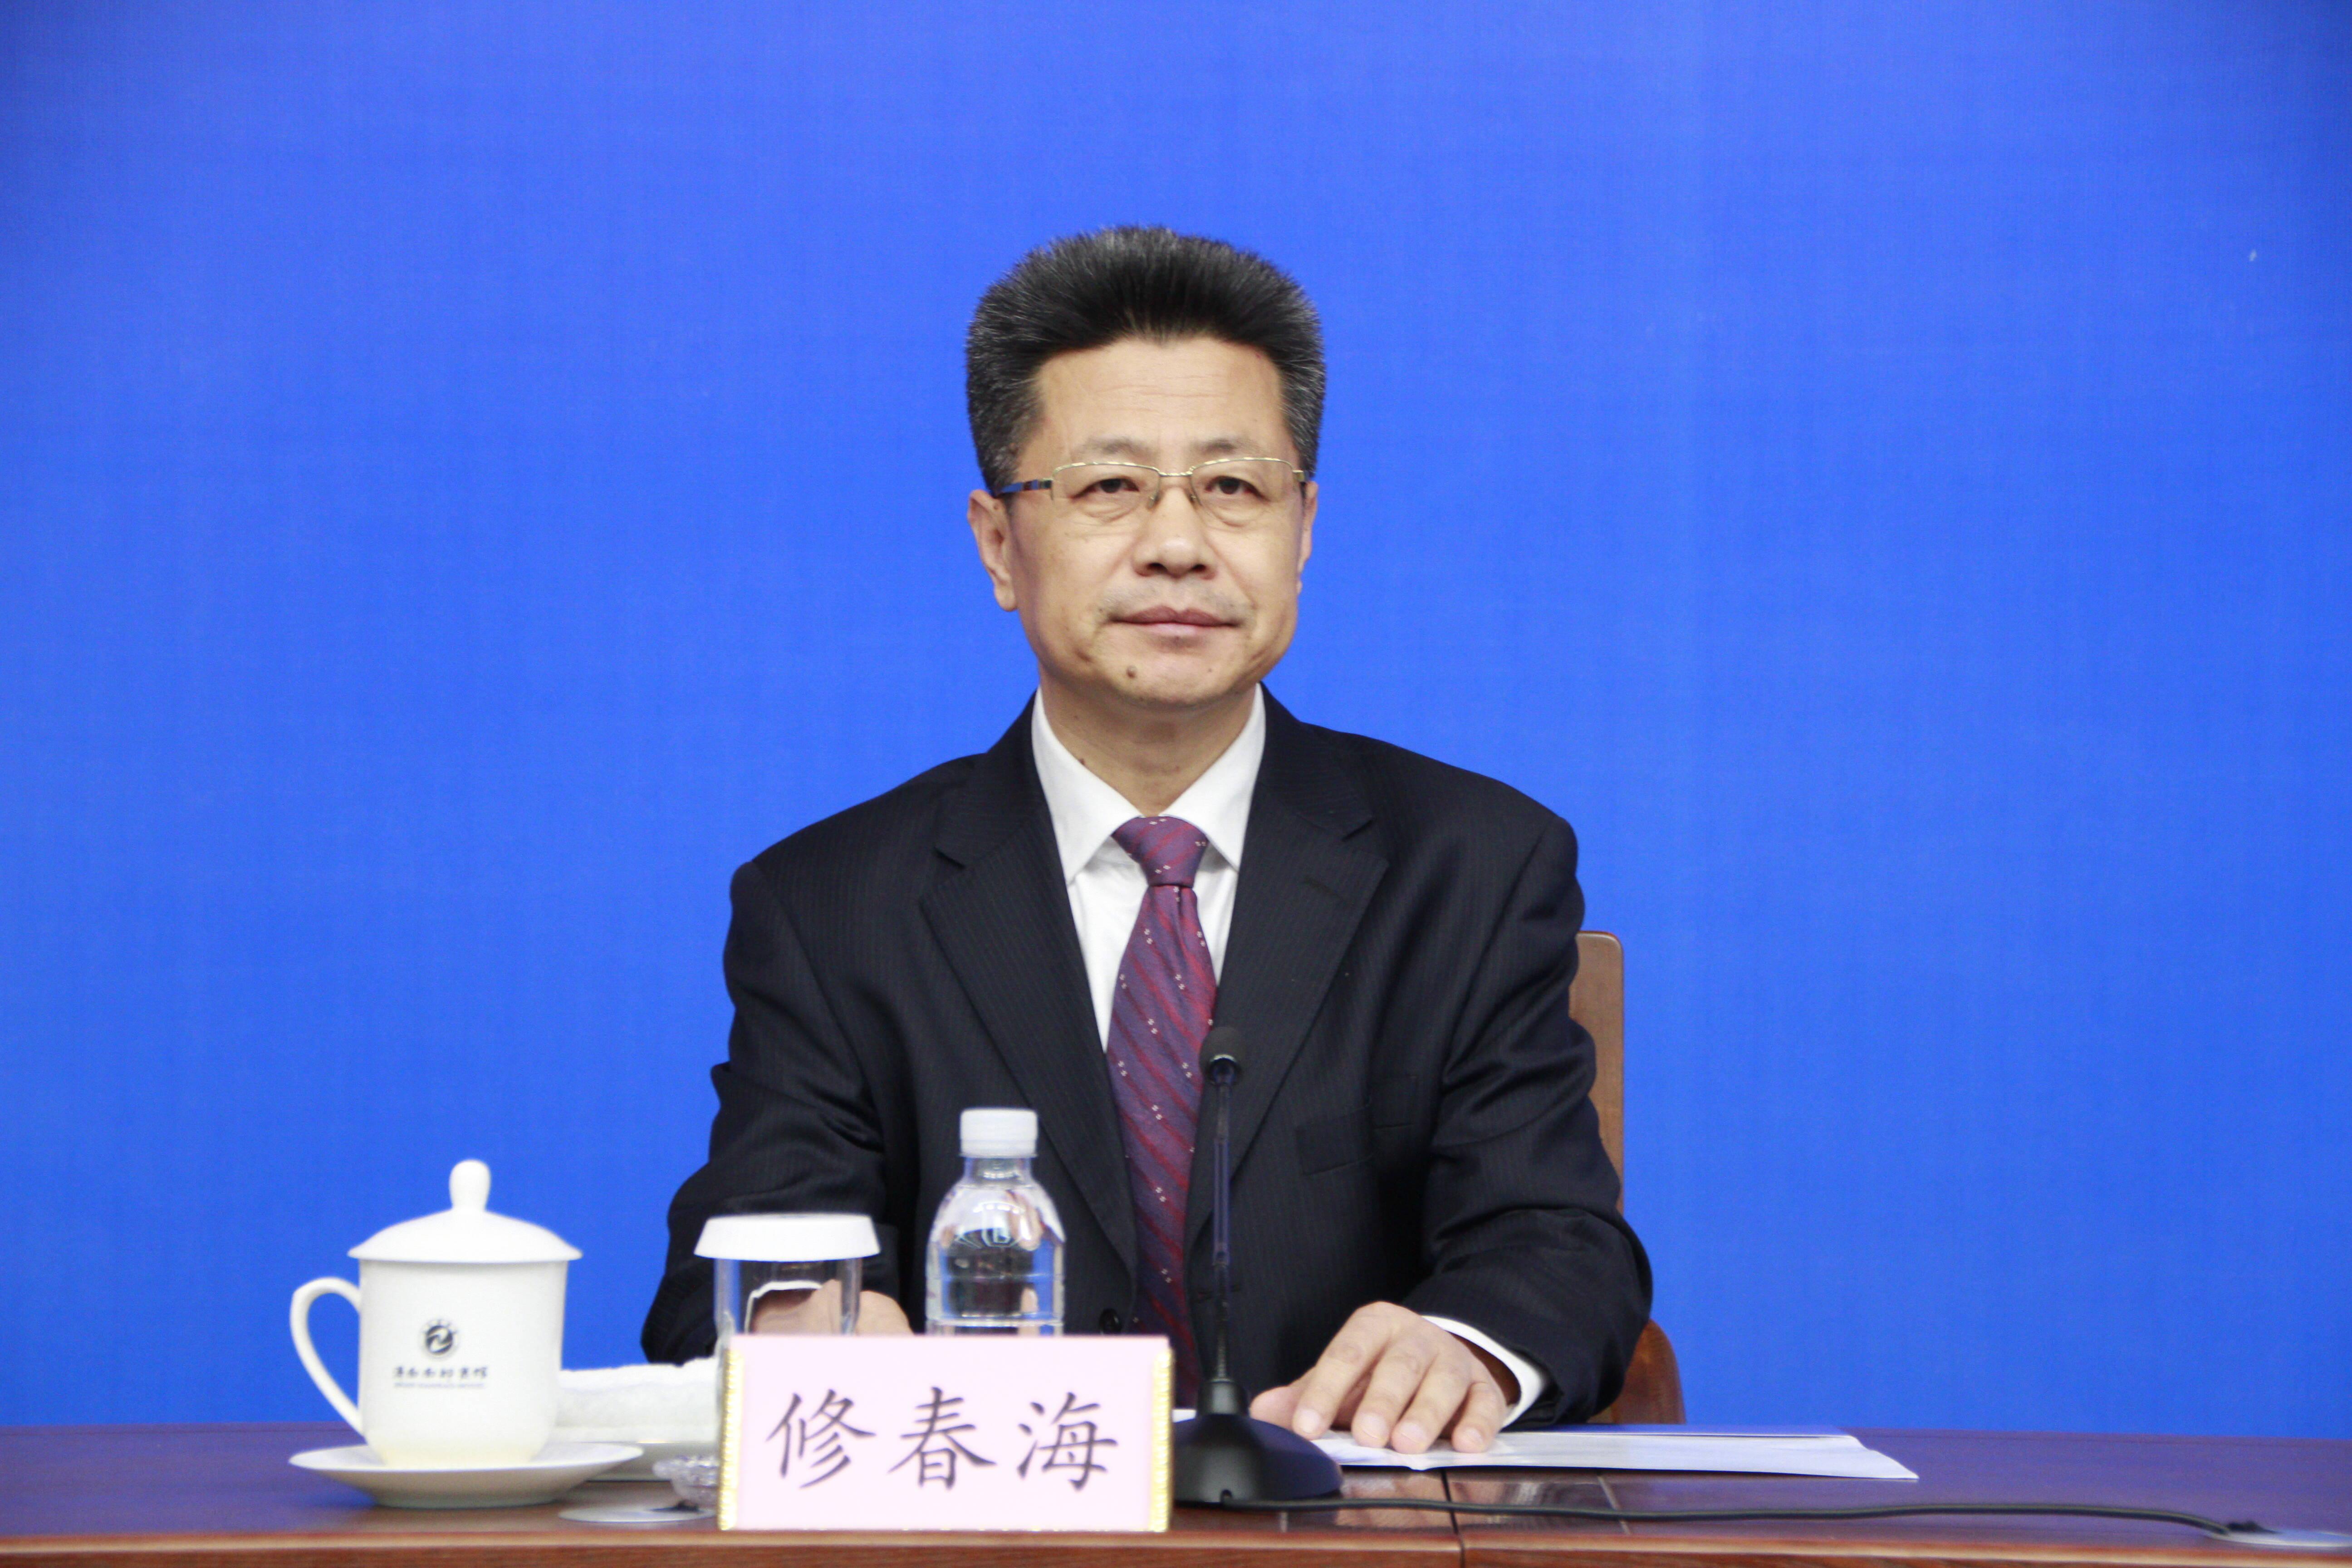 权威发布丨六大产业板块 十字产业轴 济南将这样实施文旅产业战略性布局